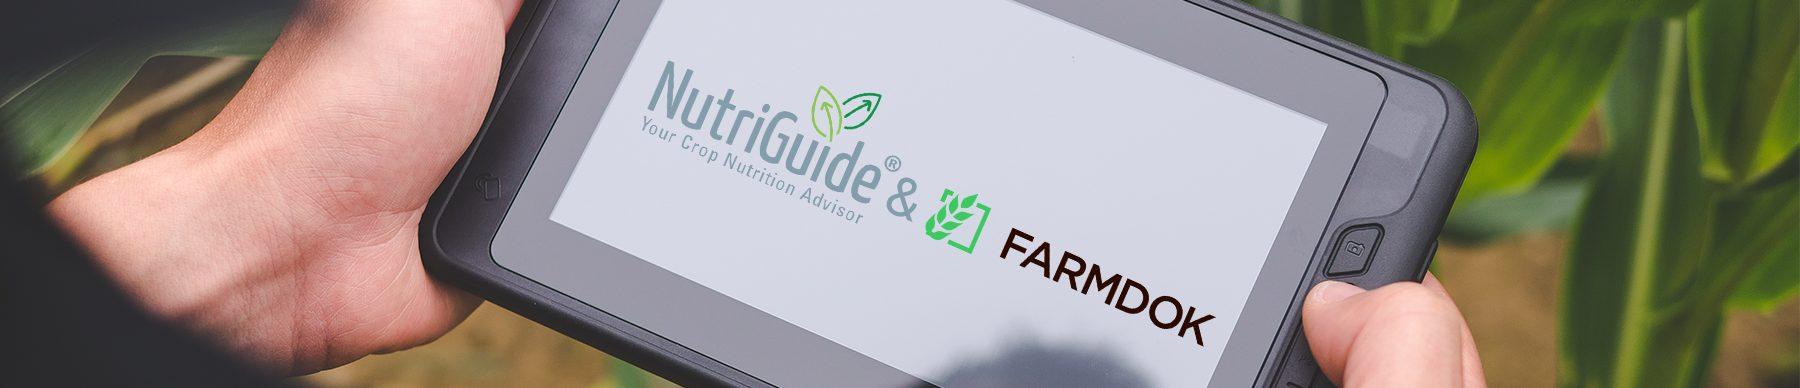 Tablet-Farmdok-NutriGuide